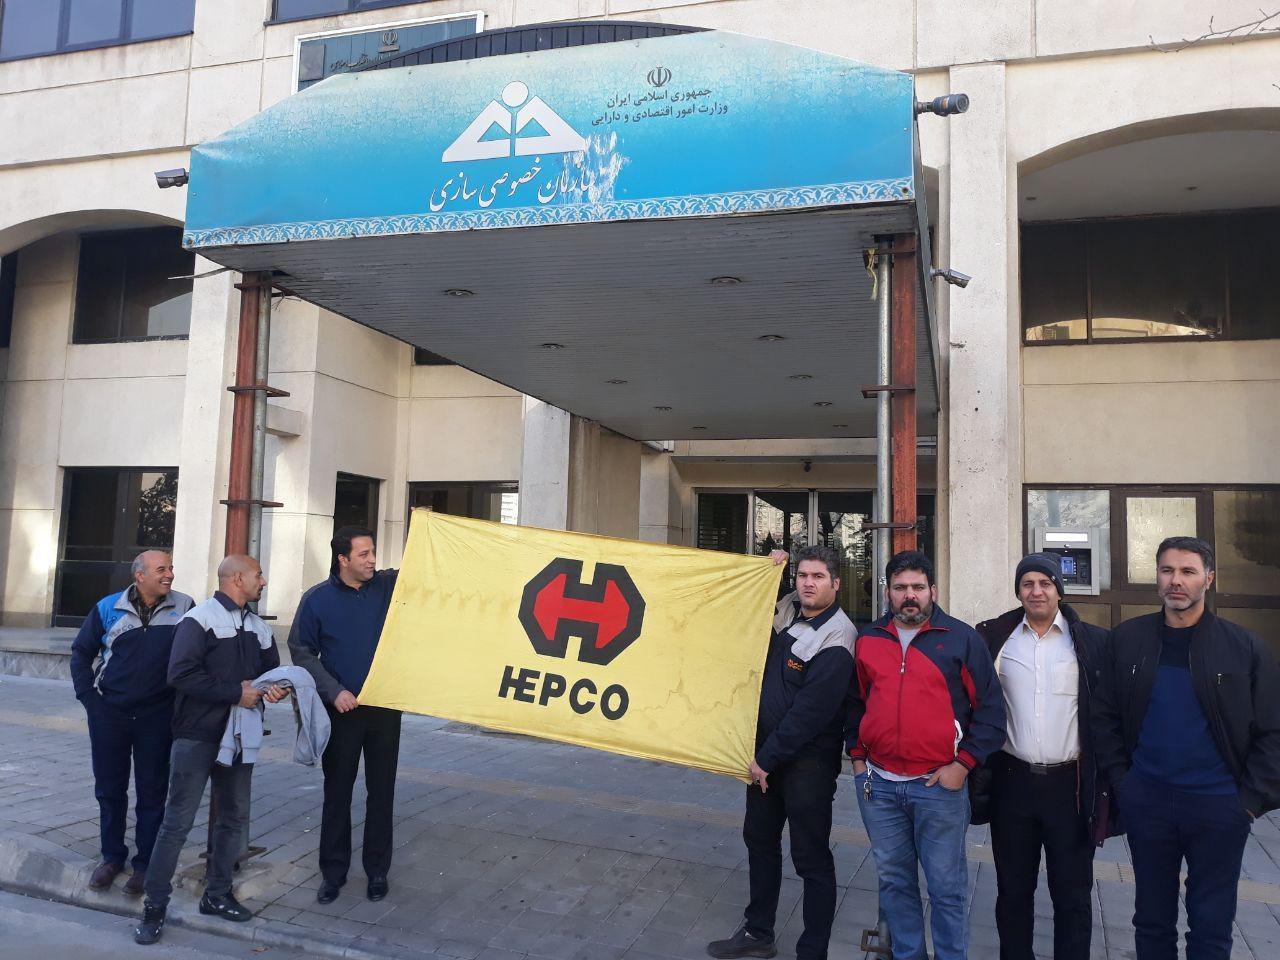 تیتر فردا//// حمایت از تولید در هپکو یا واردات خودروهای معدنی؛ آخرین آزمون وزارت صمت دولت دوازدهم